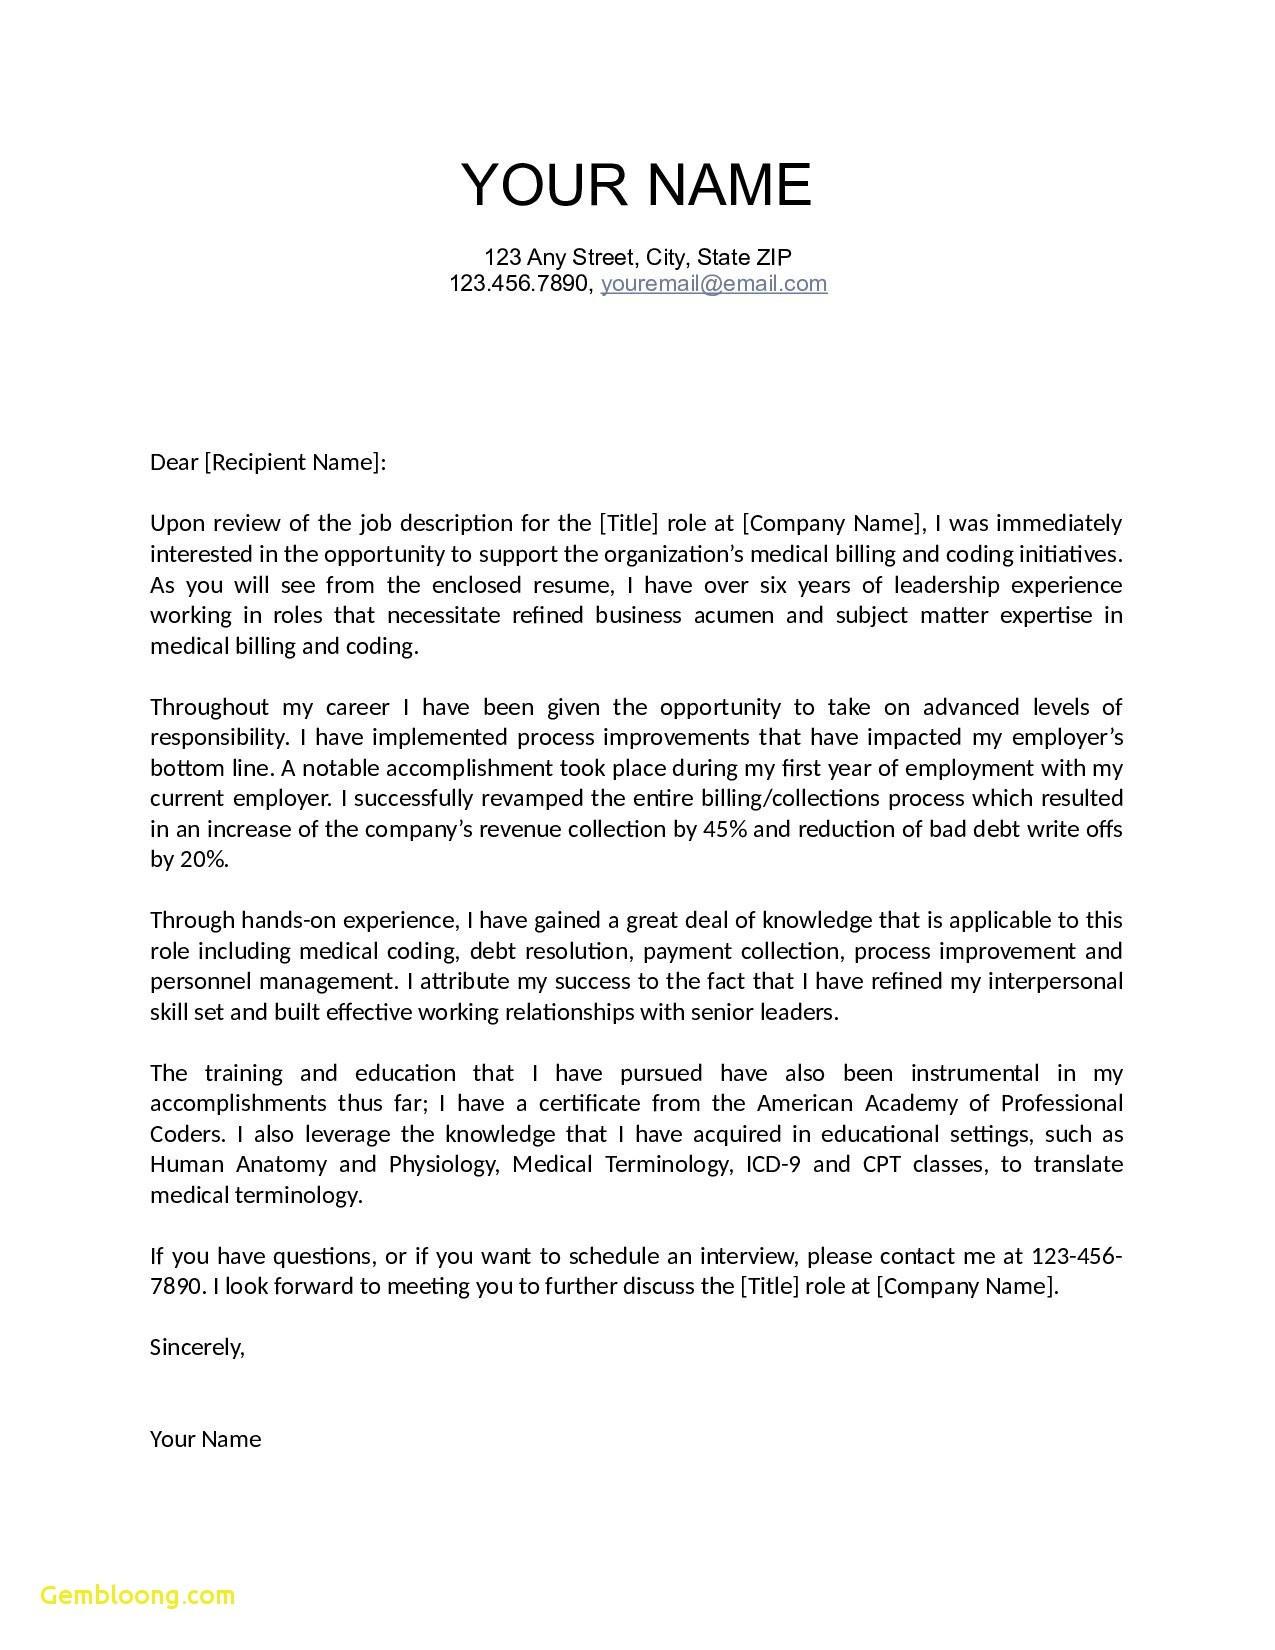 Free Expired Listing Letter Template - Letter Interest Teaching